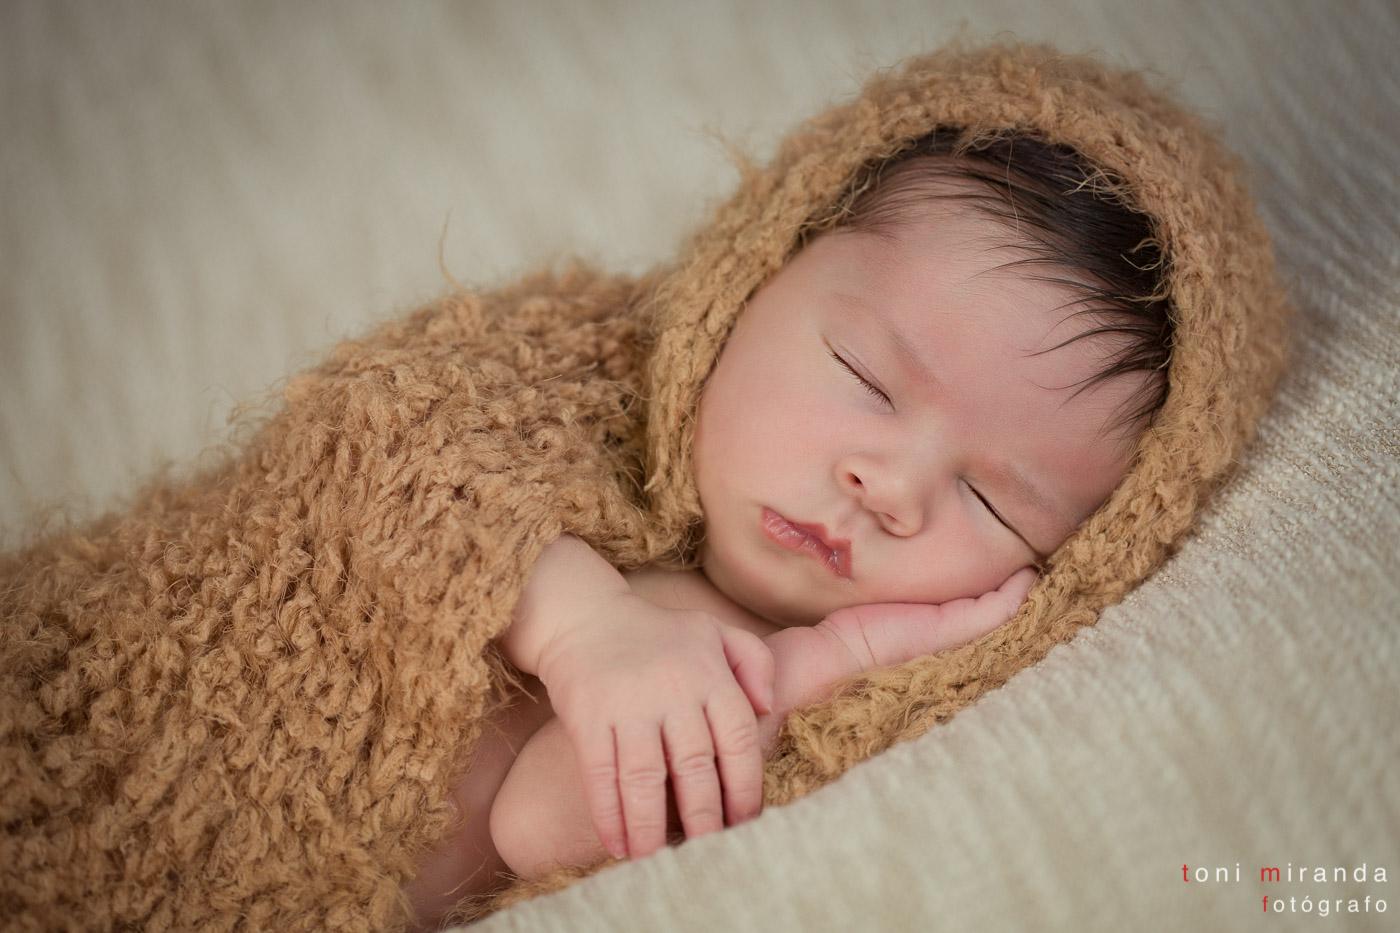 bebe recien nacido durmiendo liado en manta de algodon